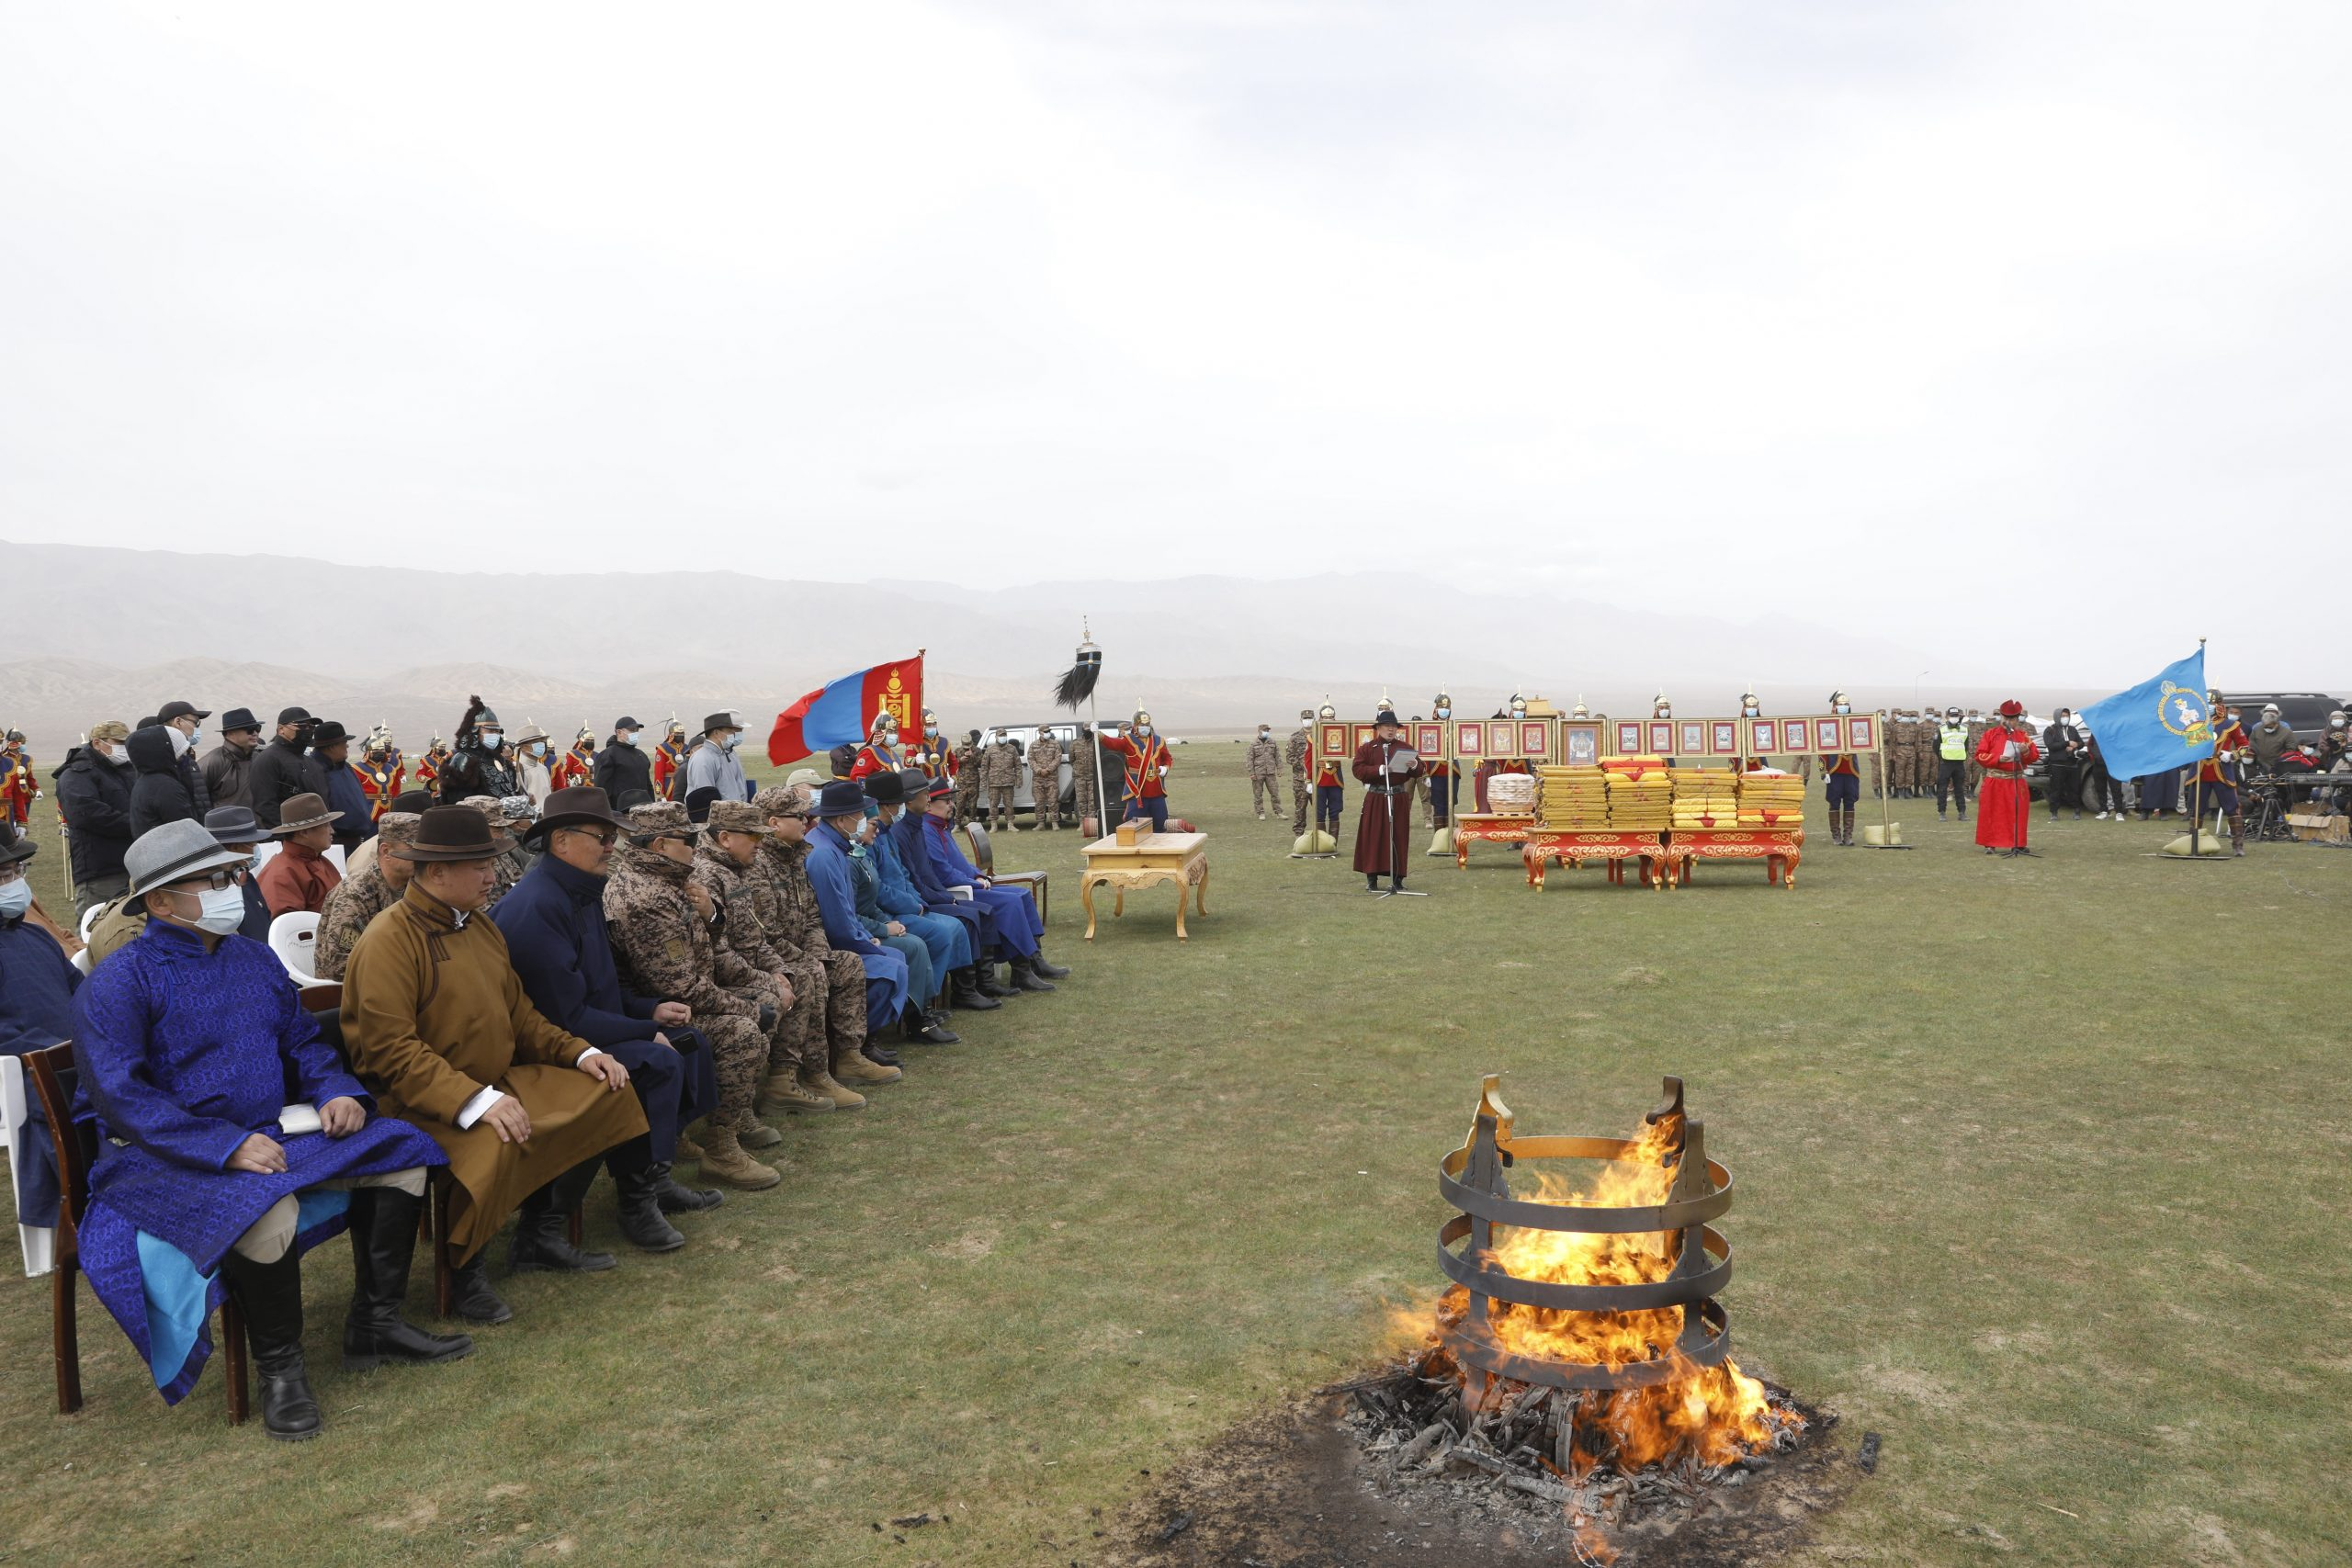 Баянхонгор аймгийн нутагт орших Их Богд хайрхны тэнгэрийг тайх анхны төрийн тахилгын ёслол боллоо